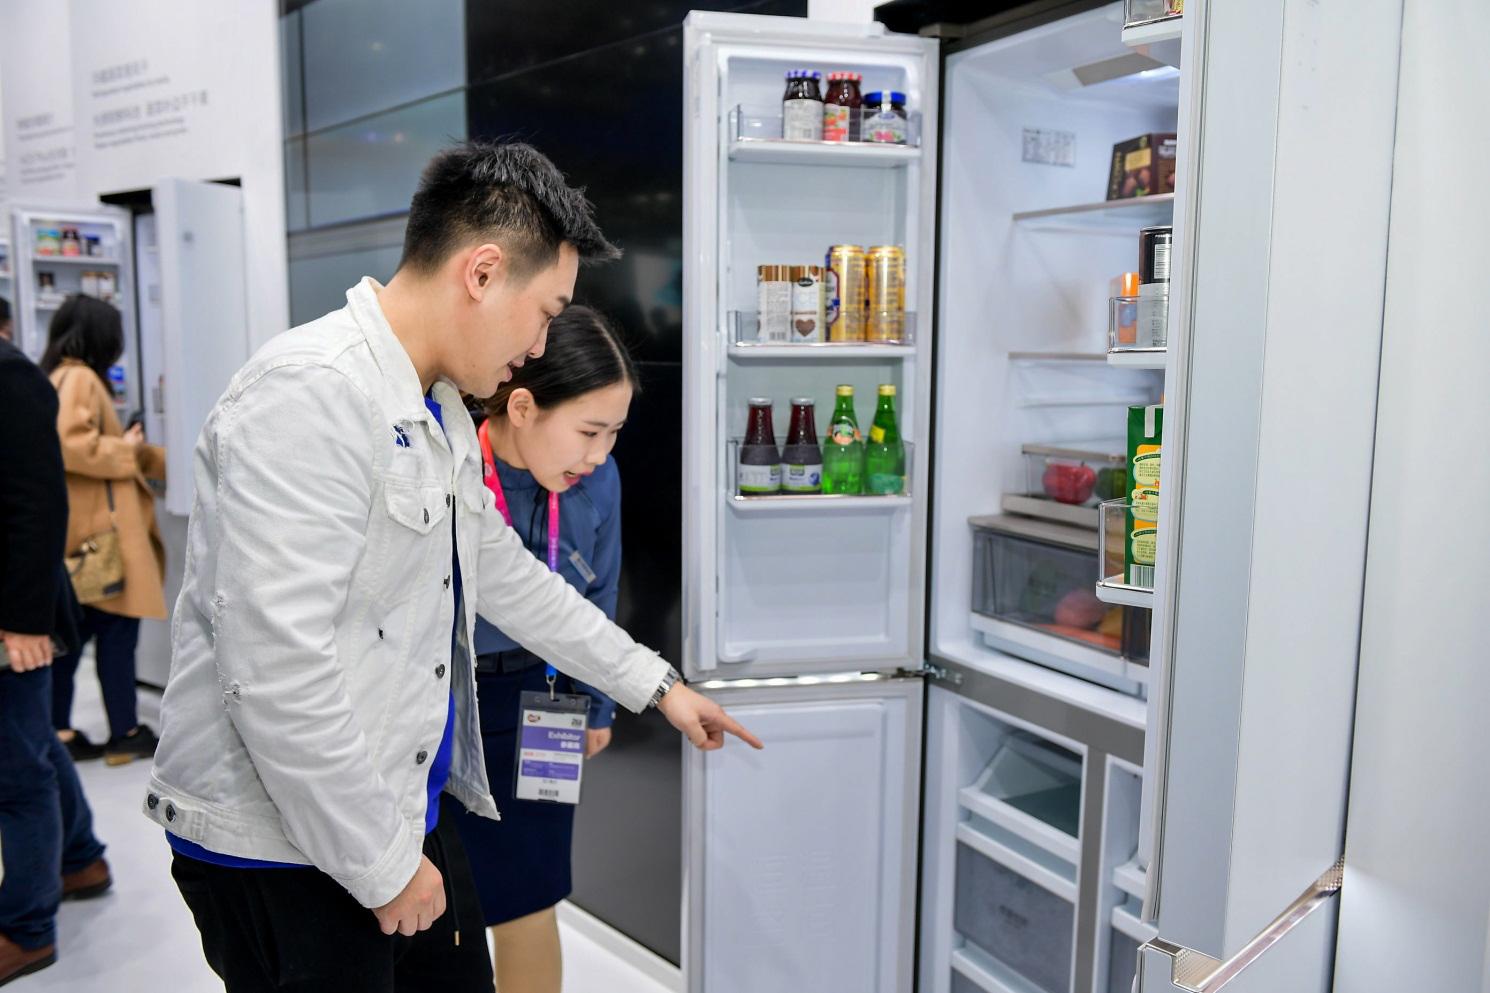 海尔冰箱年累37.1%居第一:携3大机构发布《健康膳食存储白皮书》